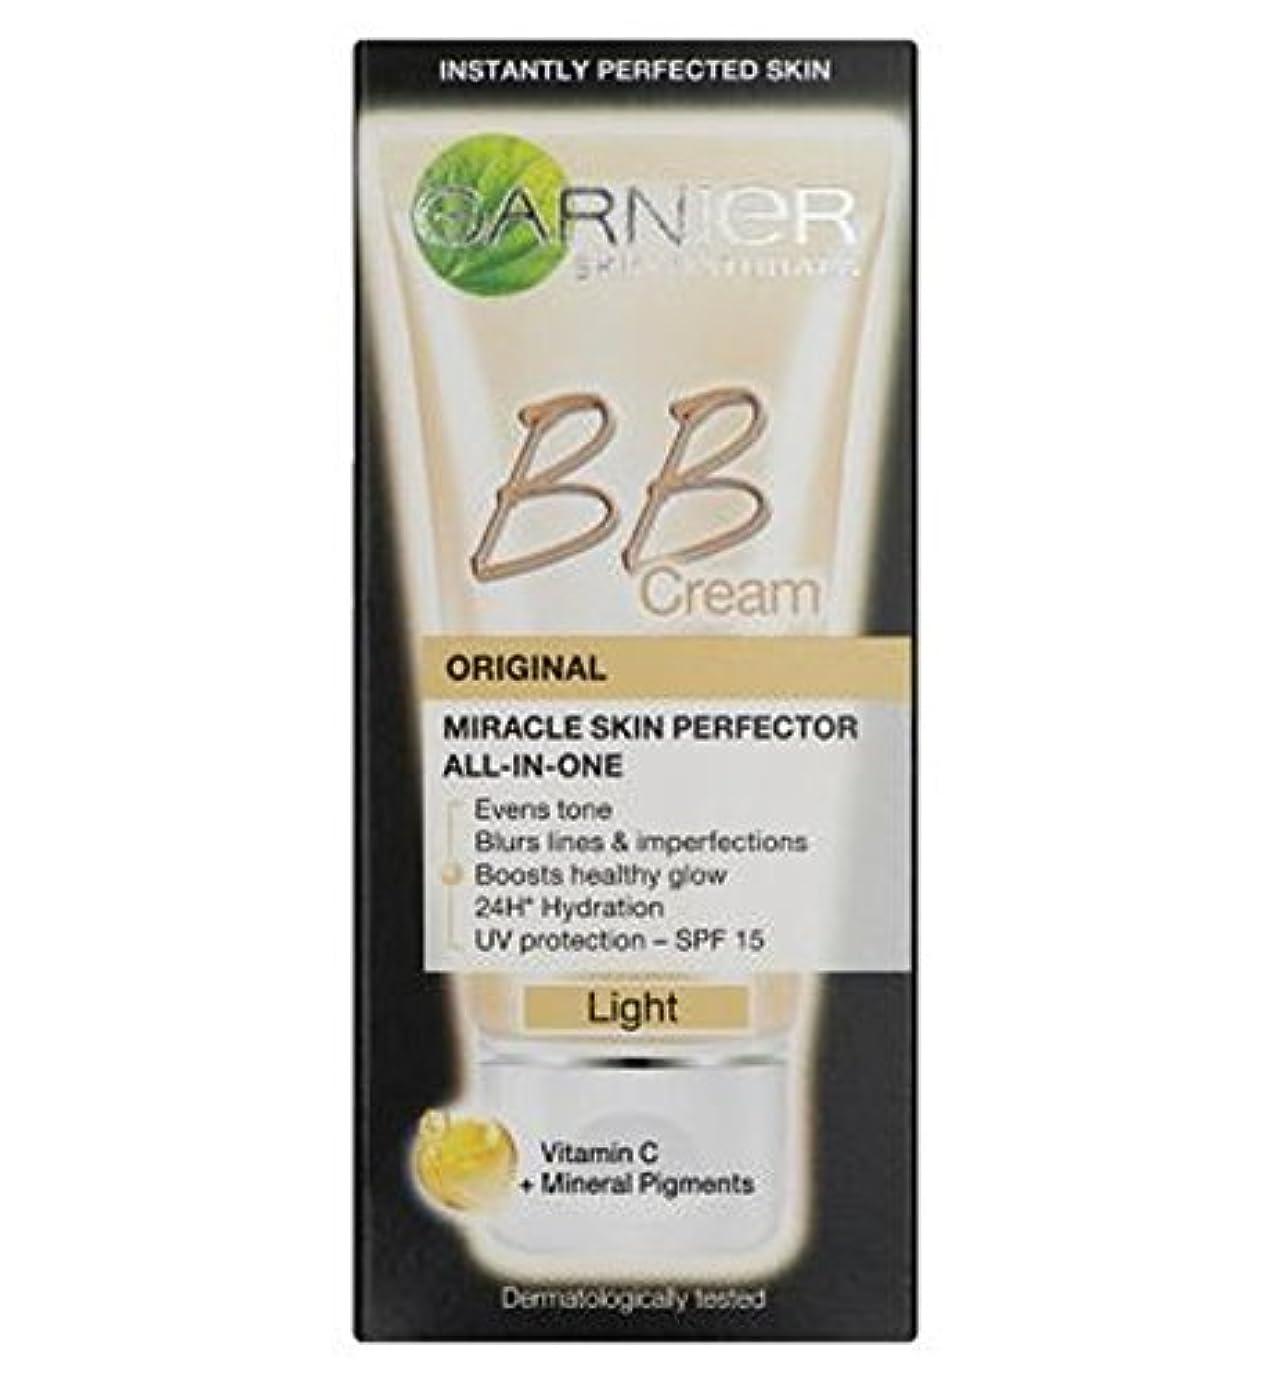 放棄ソートクーポン毎日オールインワンB.B.ガルニエスキンパーフェク傷バームクリームライト50ミリリットル (Garnier) (x2) - Garnier Skin Perfector Daily All-In-One B.B. Blemish...